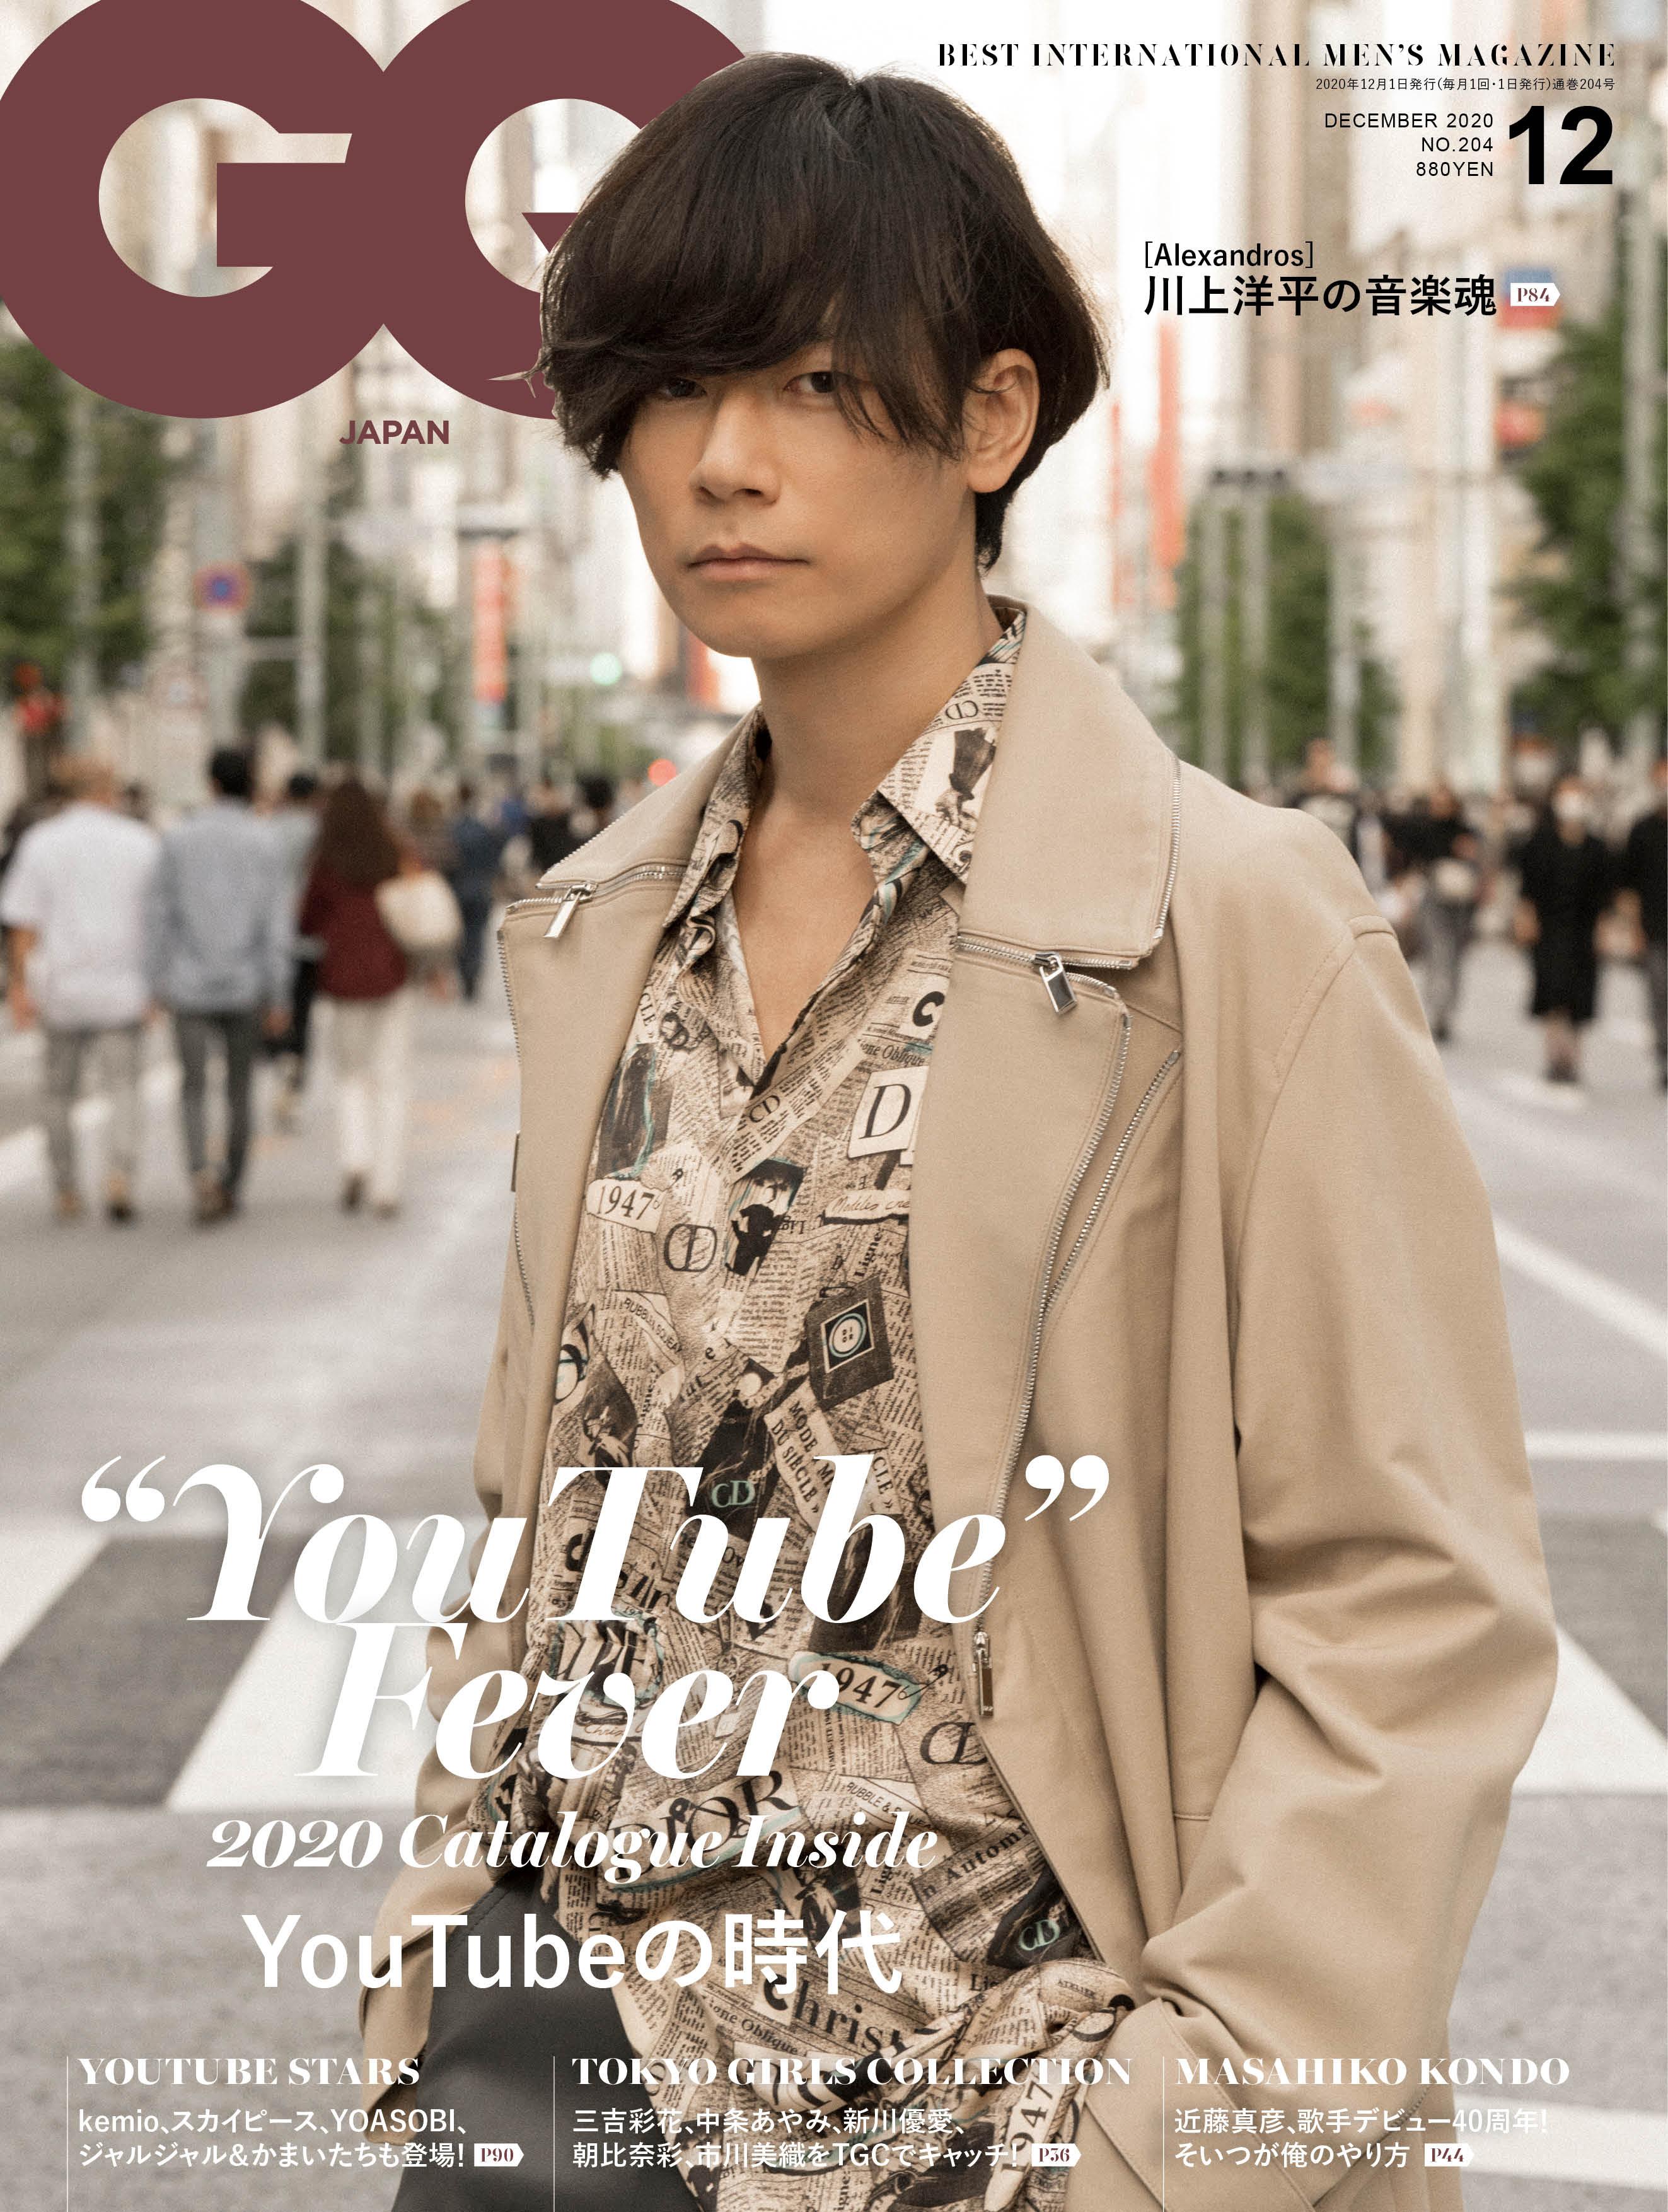 画像は、「GQ JAPAN」2020年12月号(コンデナスト・ジャパン)